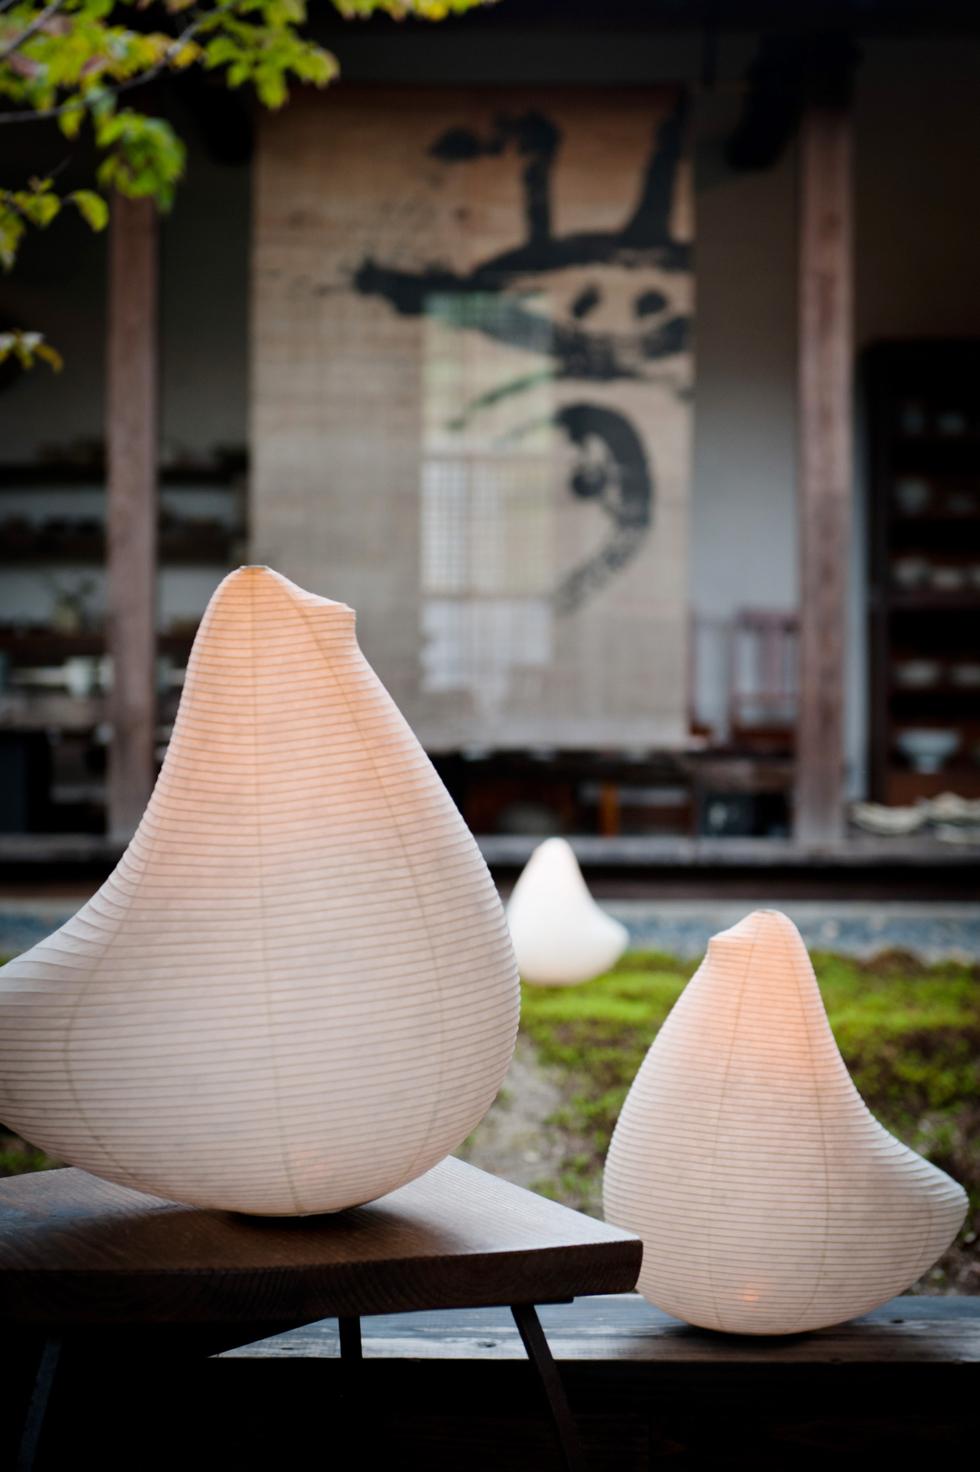 日本の伝統文化の明かりでモダンなリラックス空間を作る 提灯型ランプ(インテリア ライト 照明)|とり - 鈴木茂兵衛商店 SUZUMO CHOCHIN(すずも提灯)